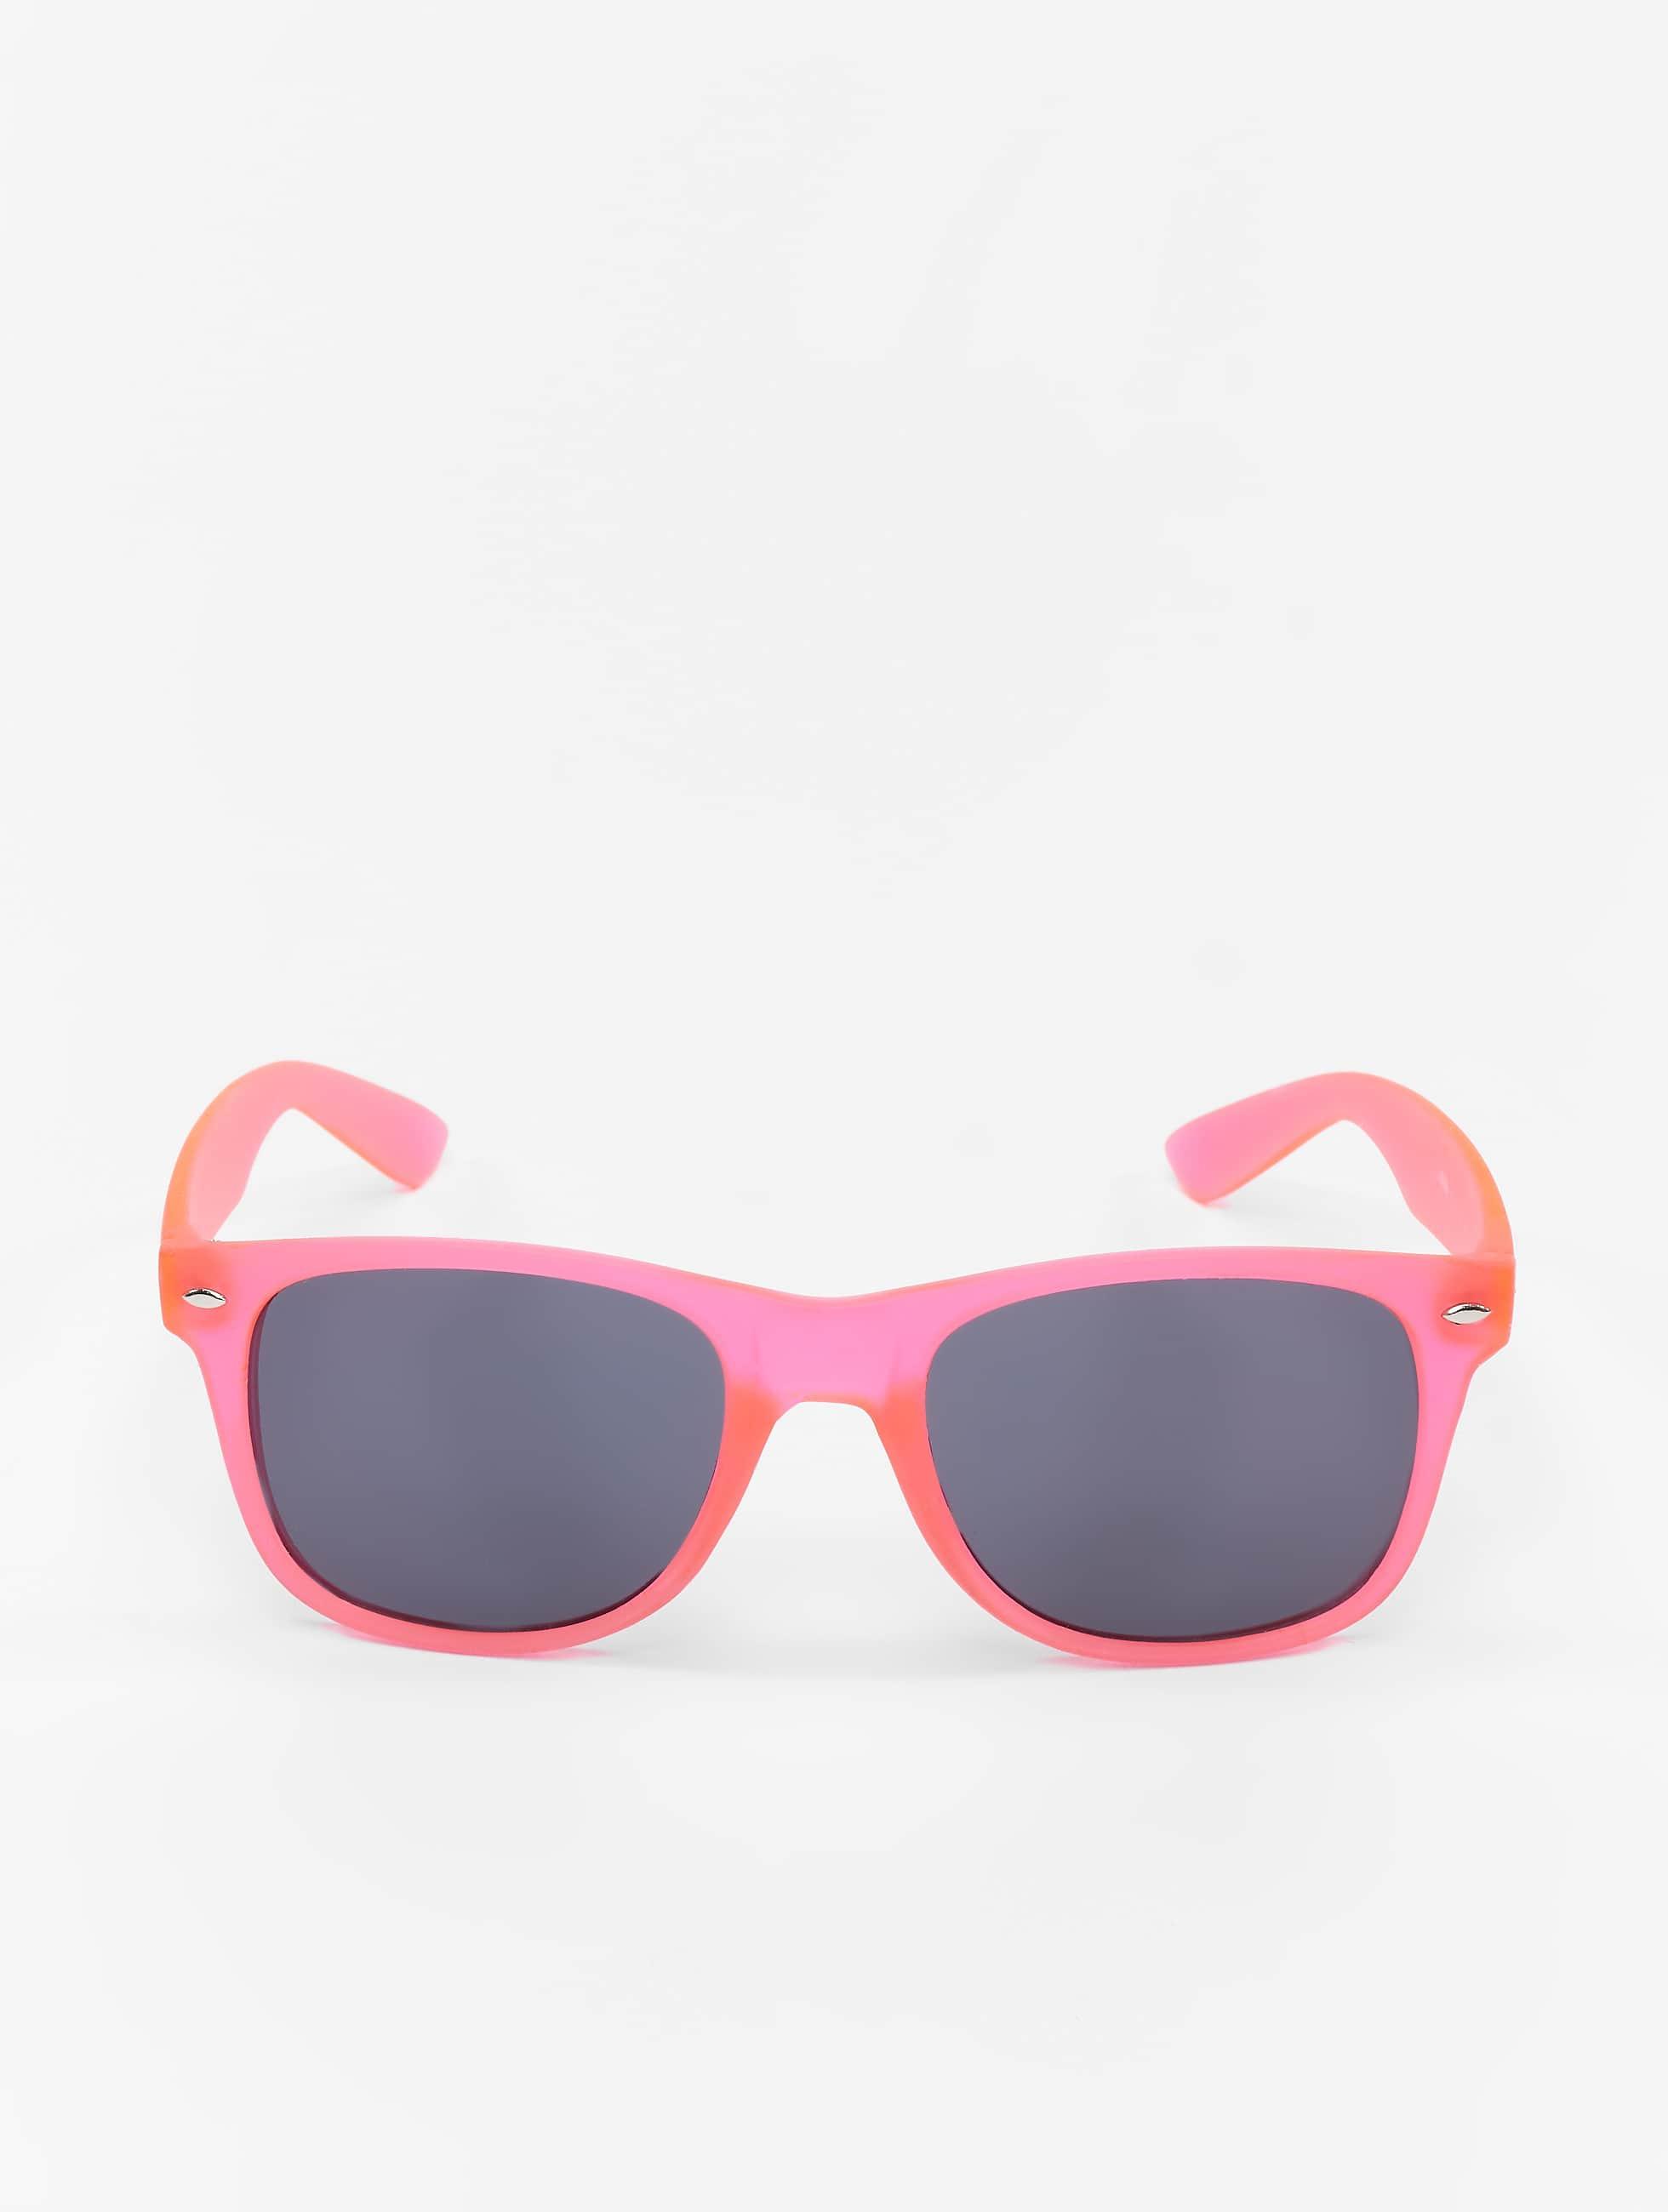 MSTRDS Sonnenbrille Likoma pink